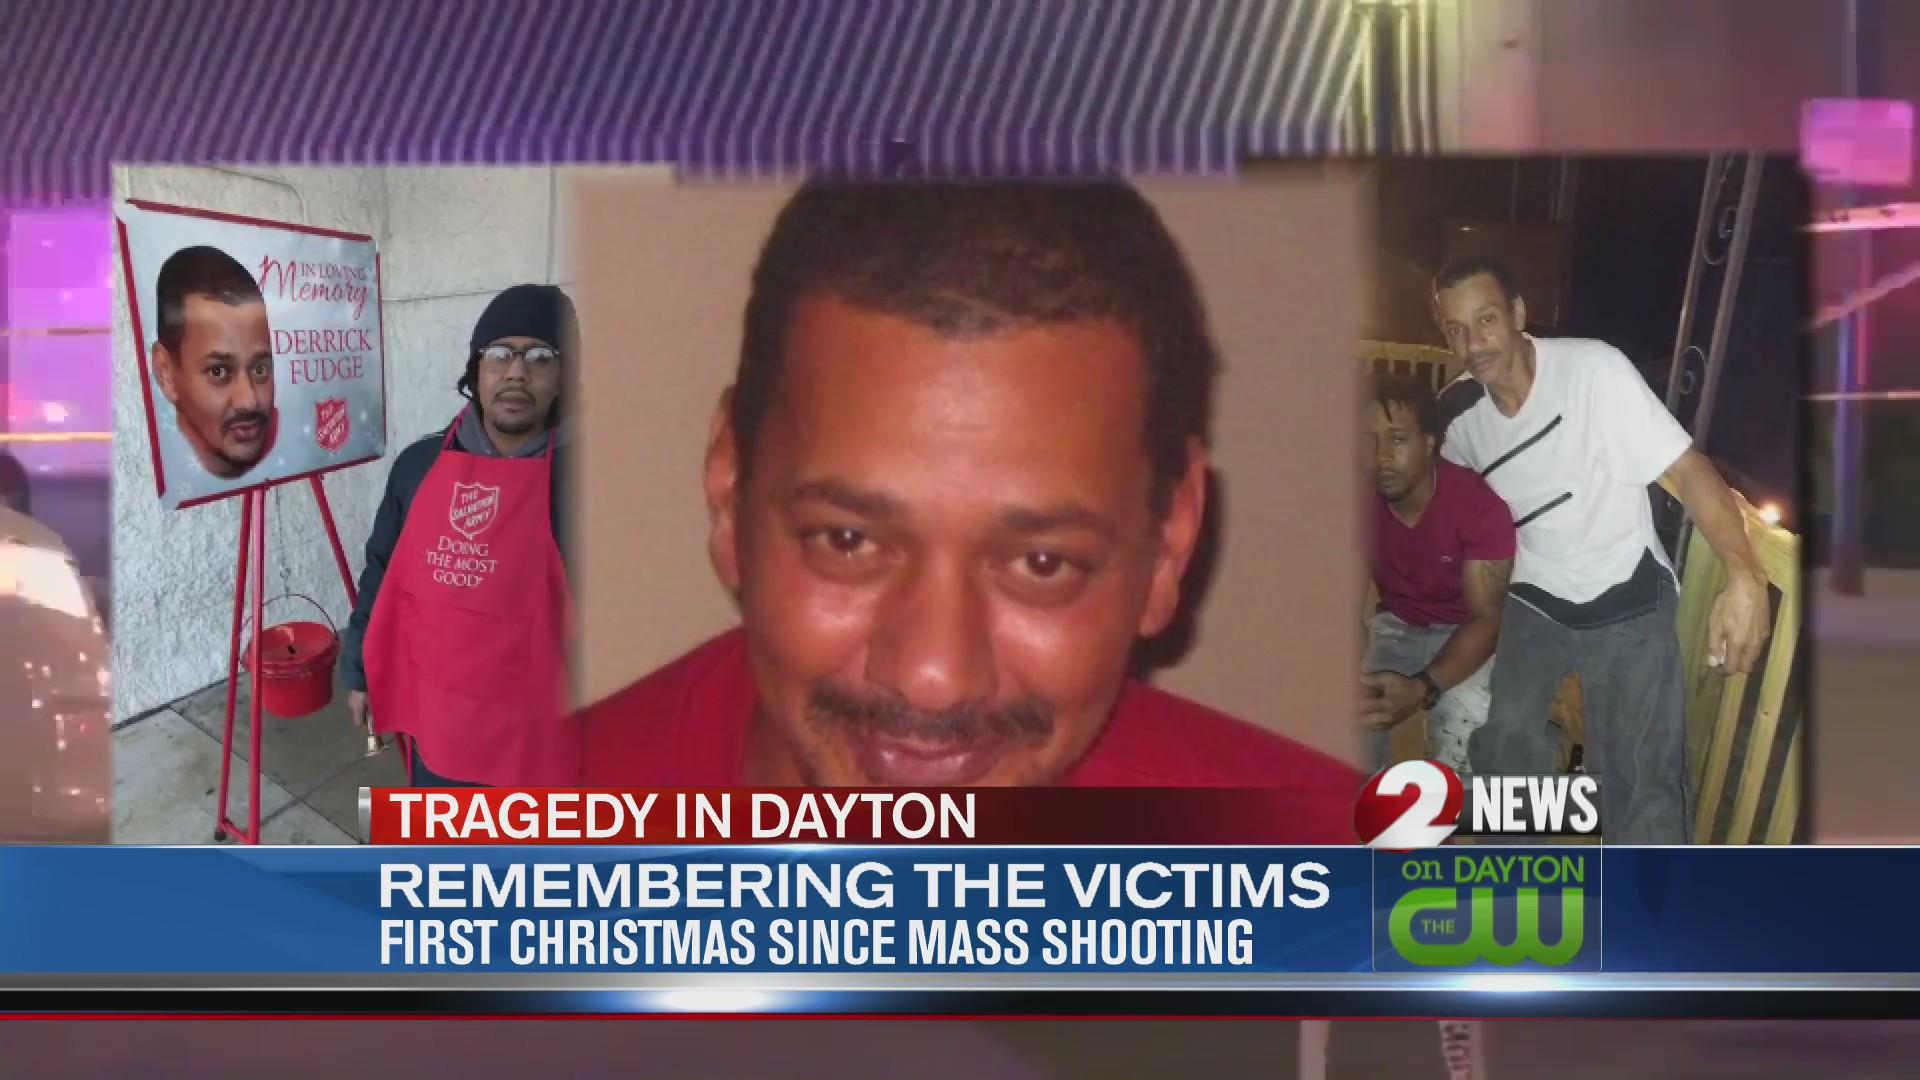 First Christmas since mass shooting